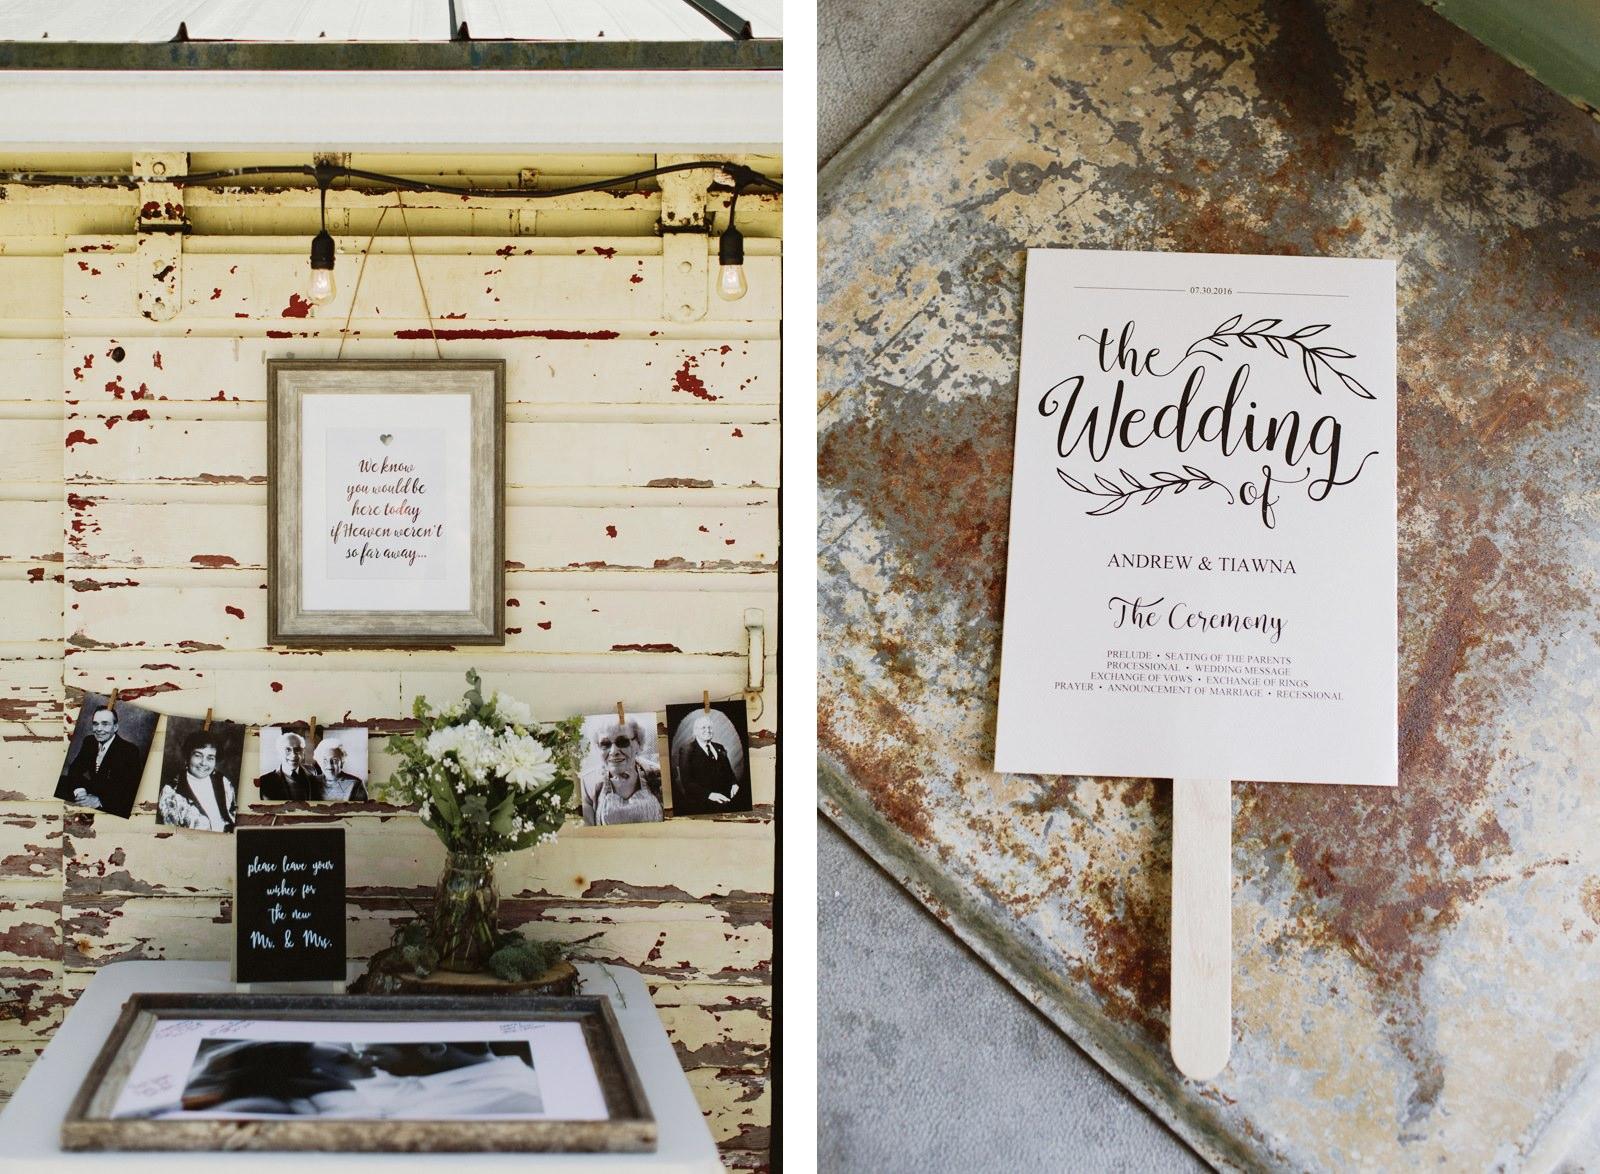 drewtiawna-blog-11 YELLOW BARN WEDDING